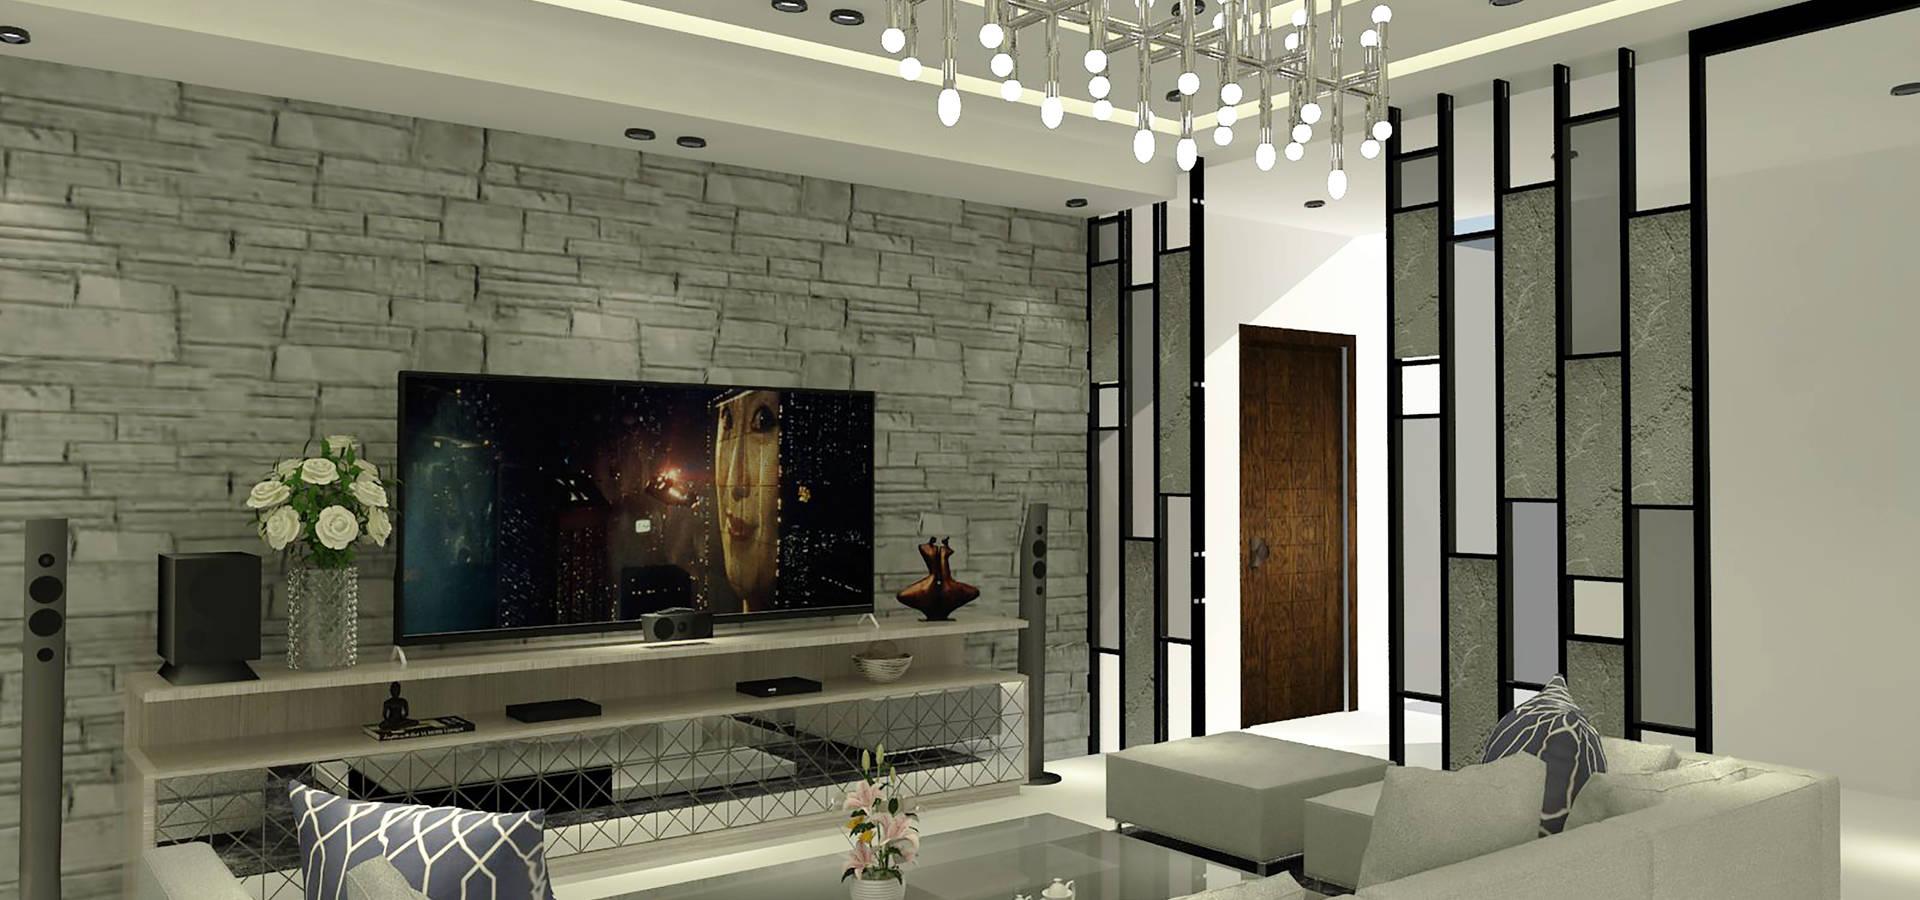 Inaraa Designs